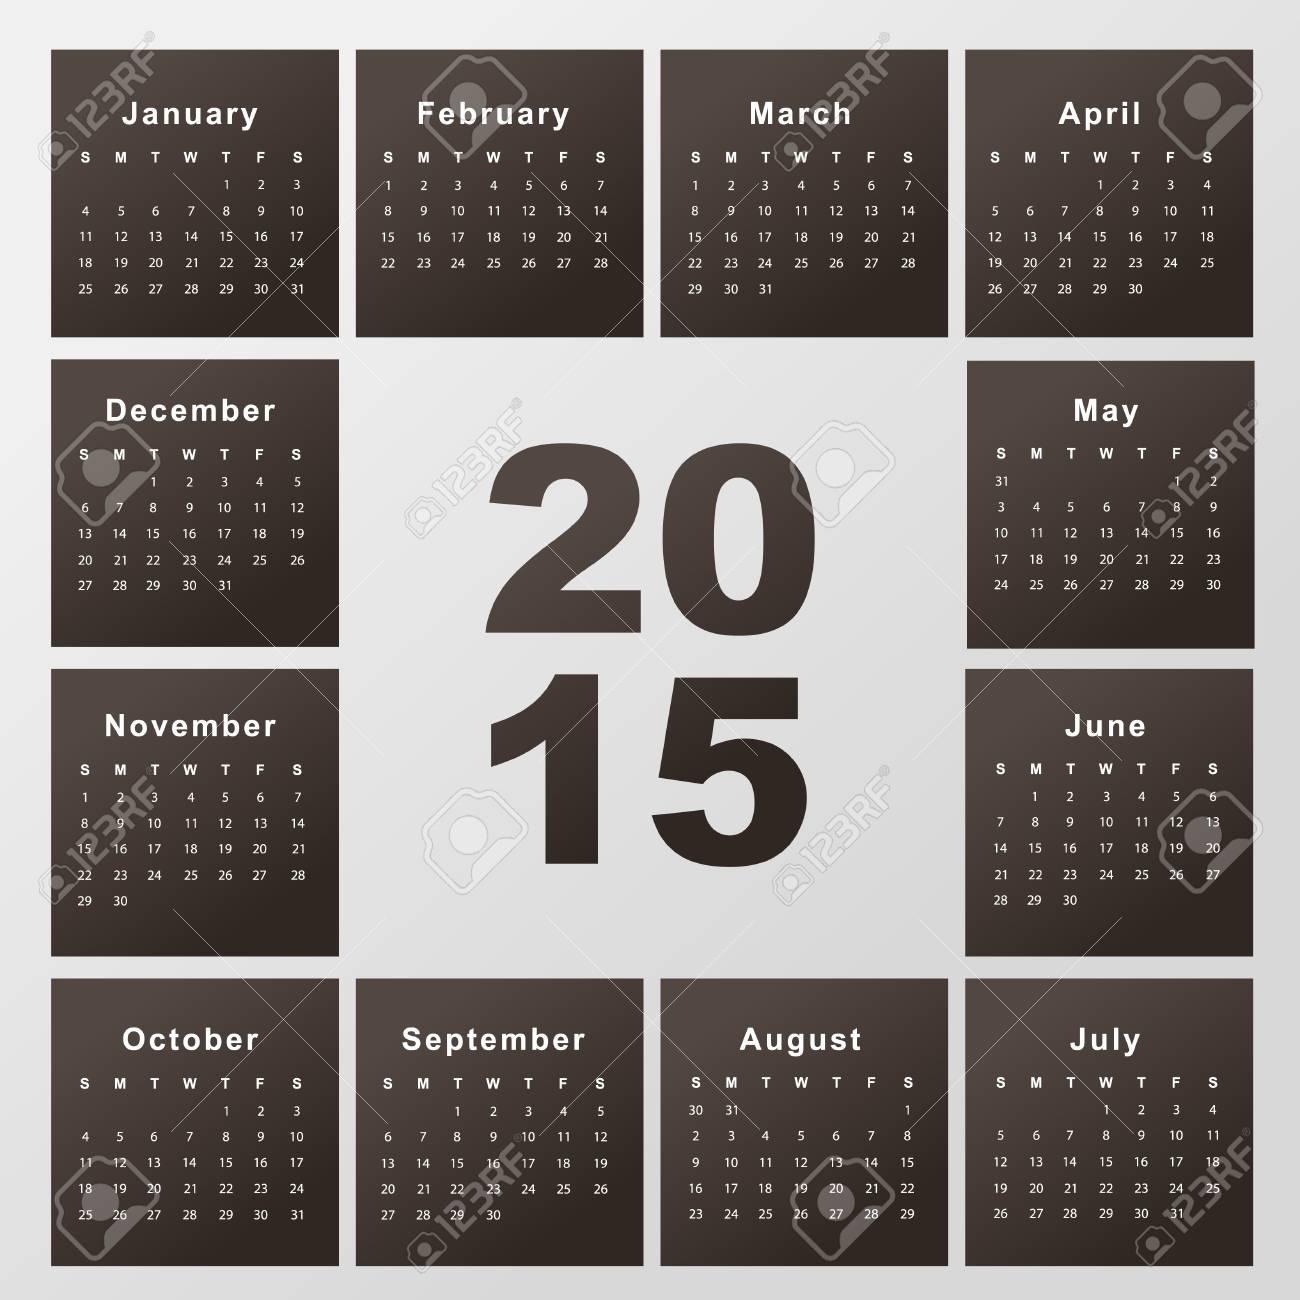 Plantilla De Calendario Para El Año 2015 Ilustraciones Vectoriales ...